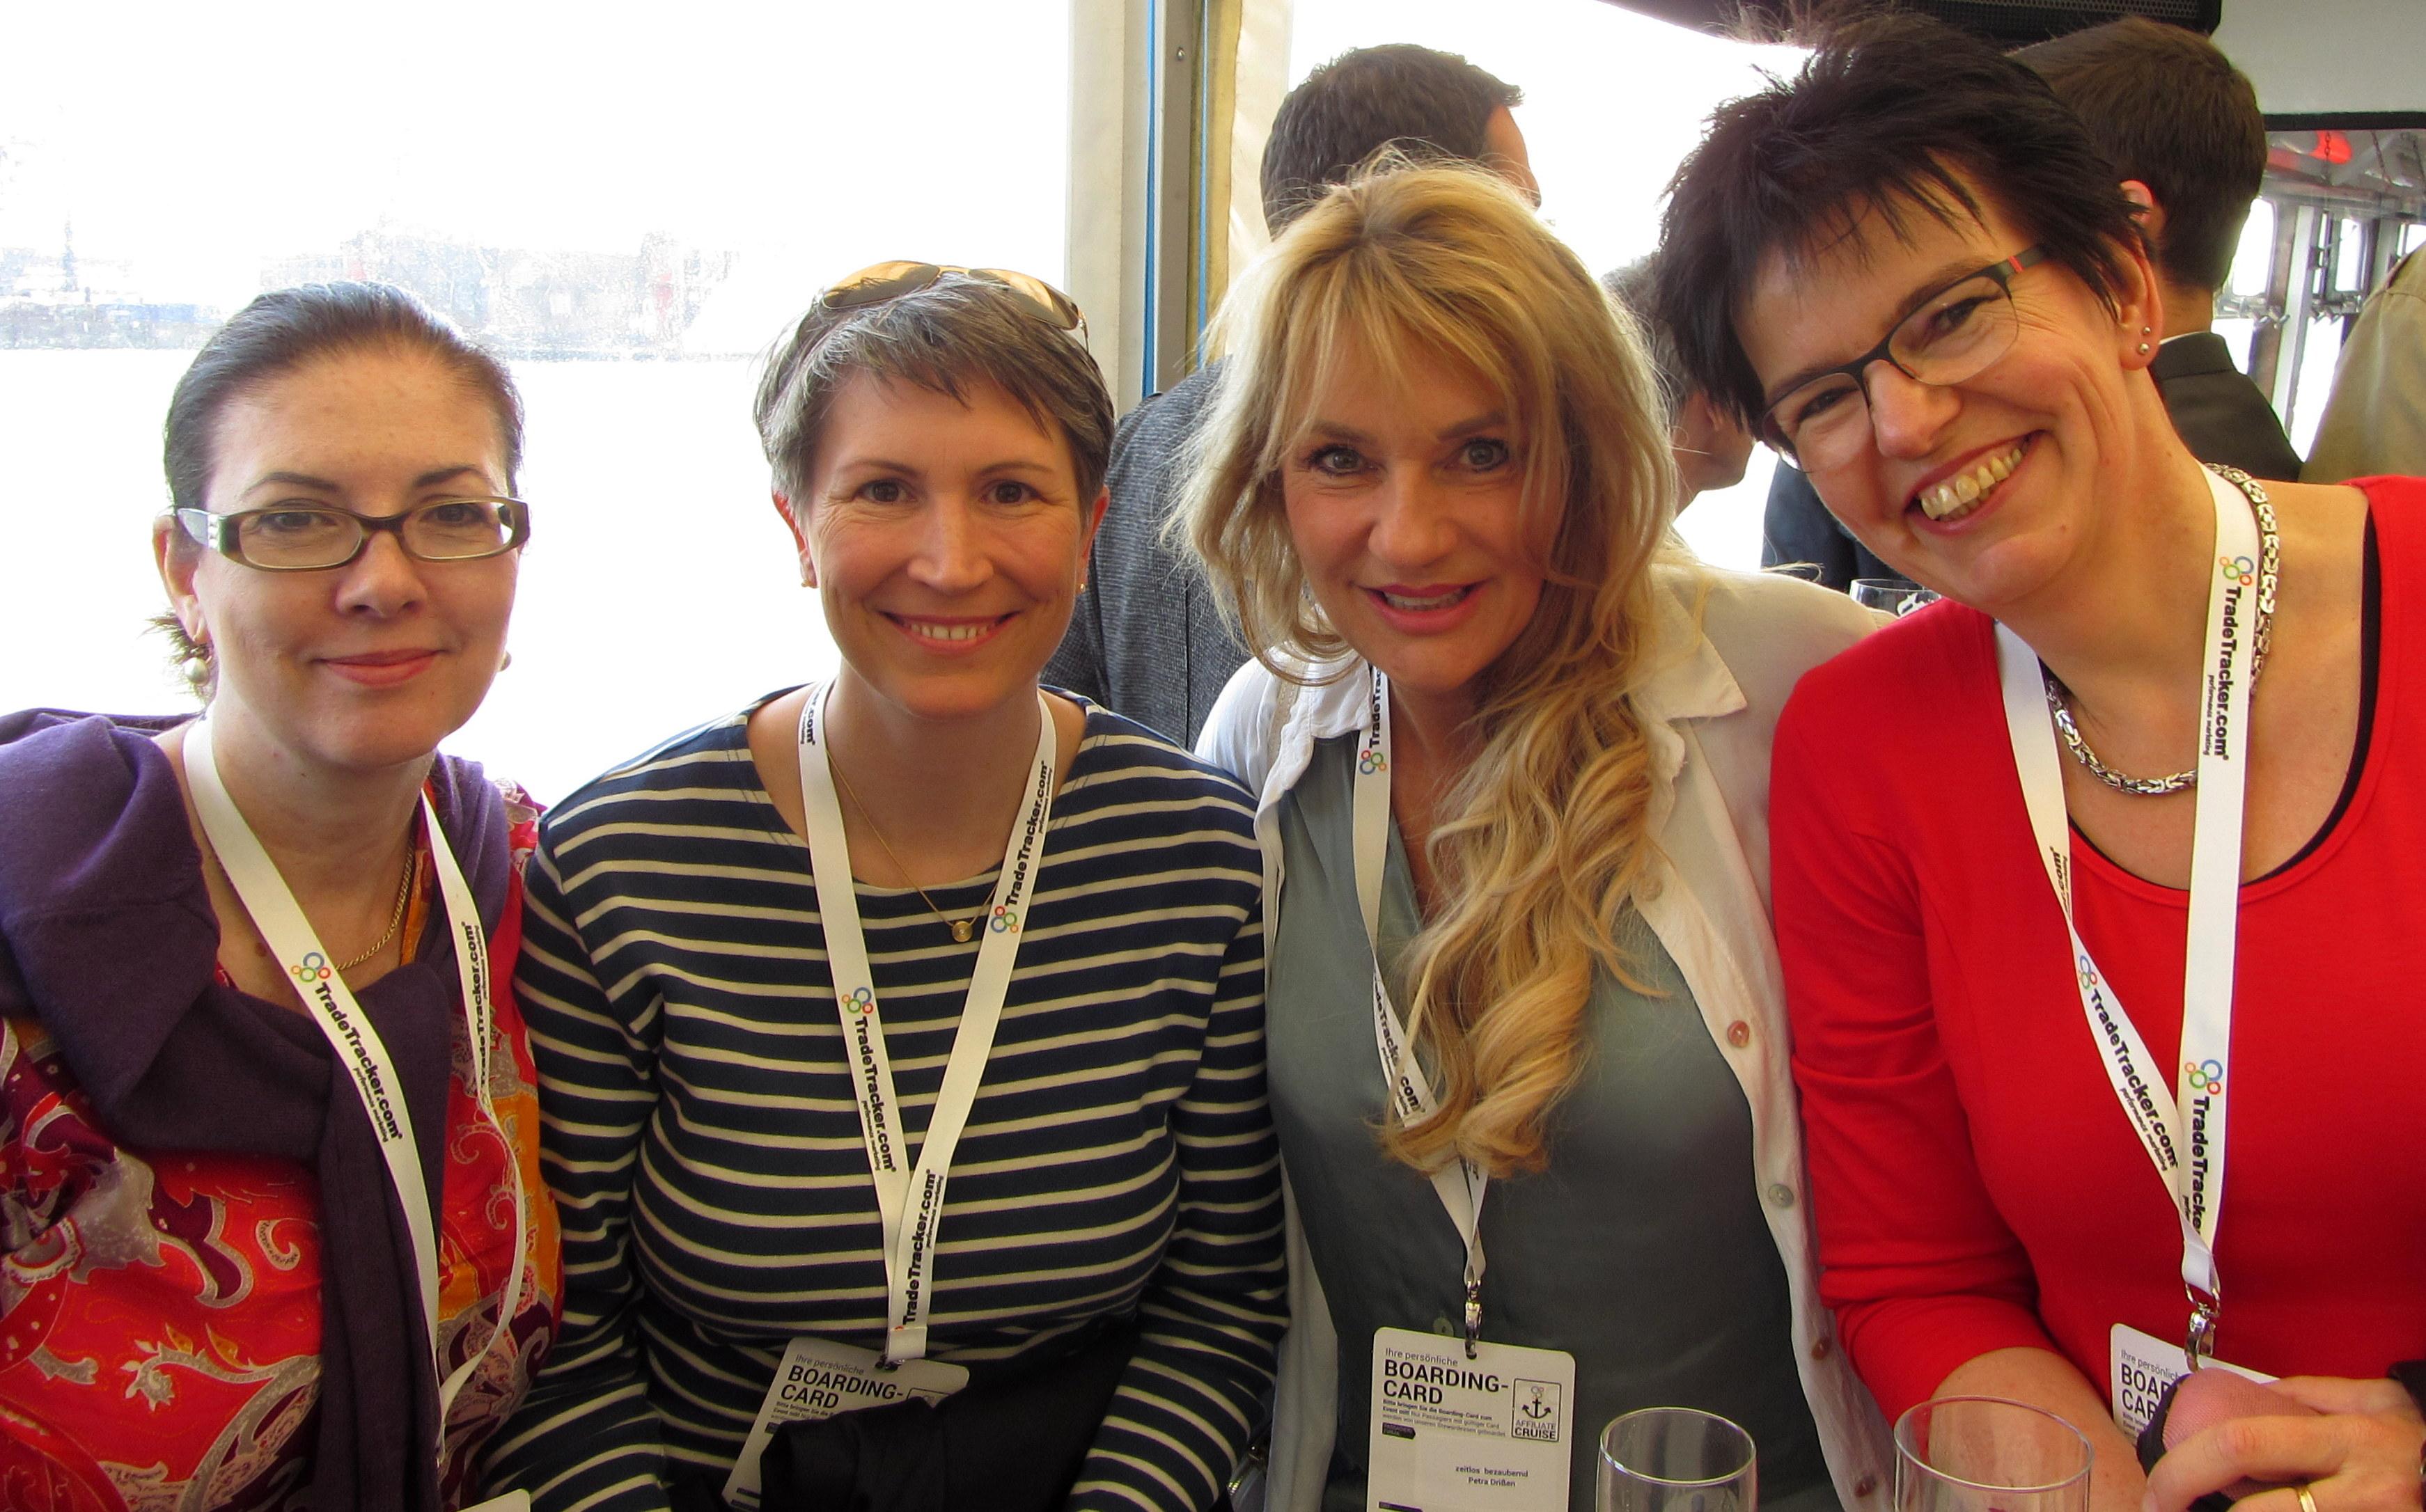 meine Wenigkeit, Ines, Petra und Gunda, Foto © Miriam Karakus